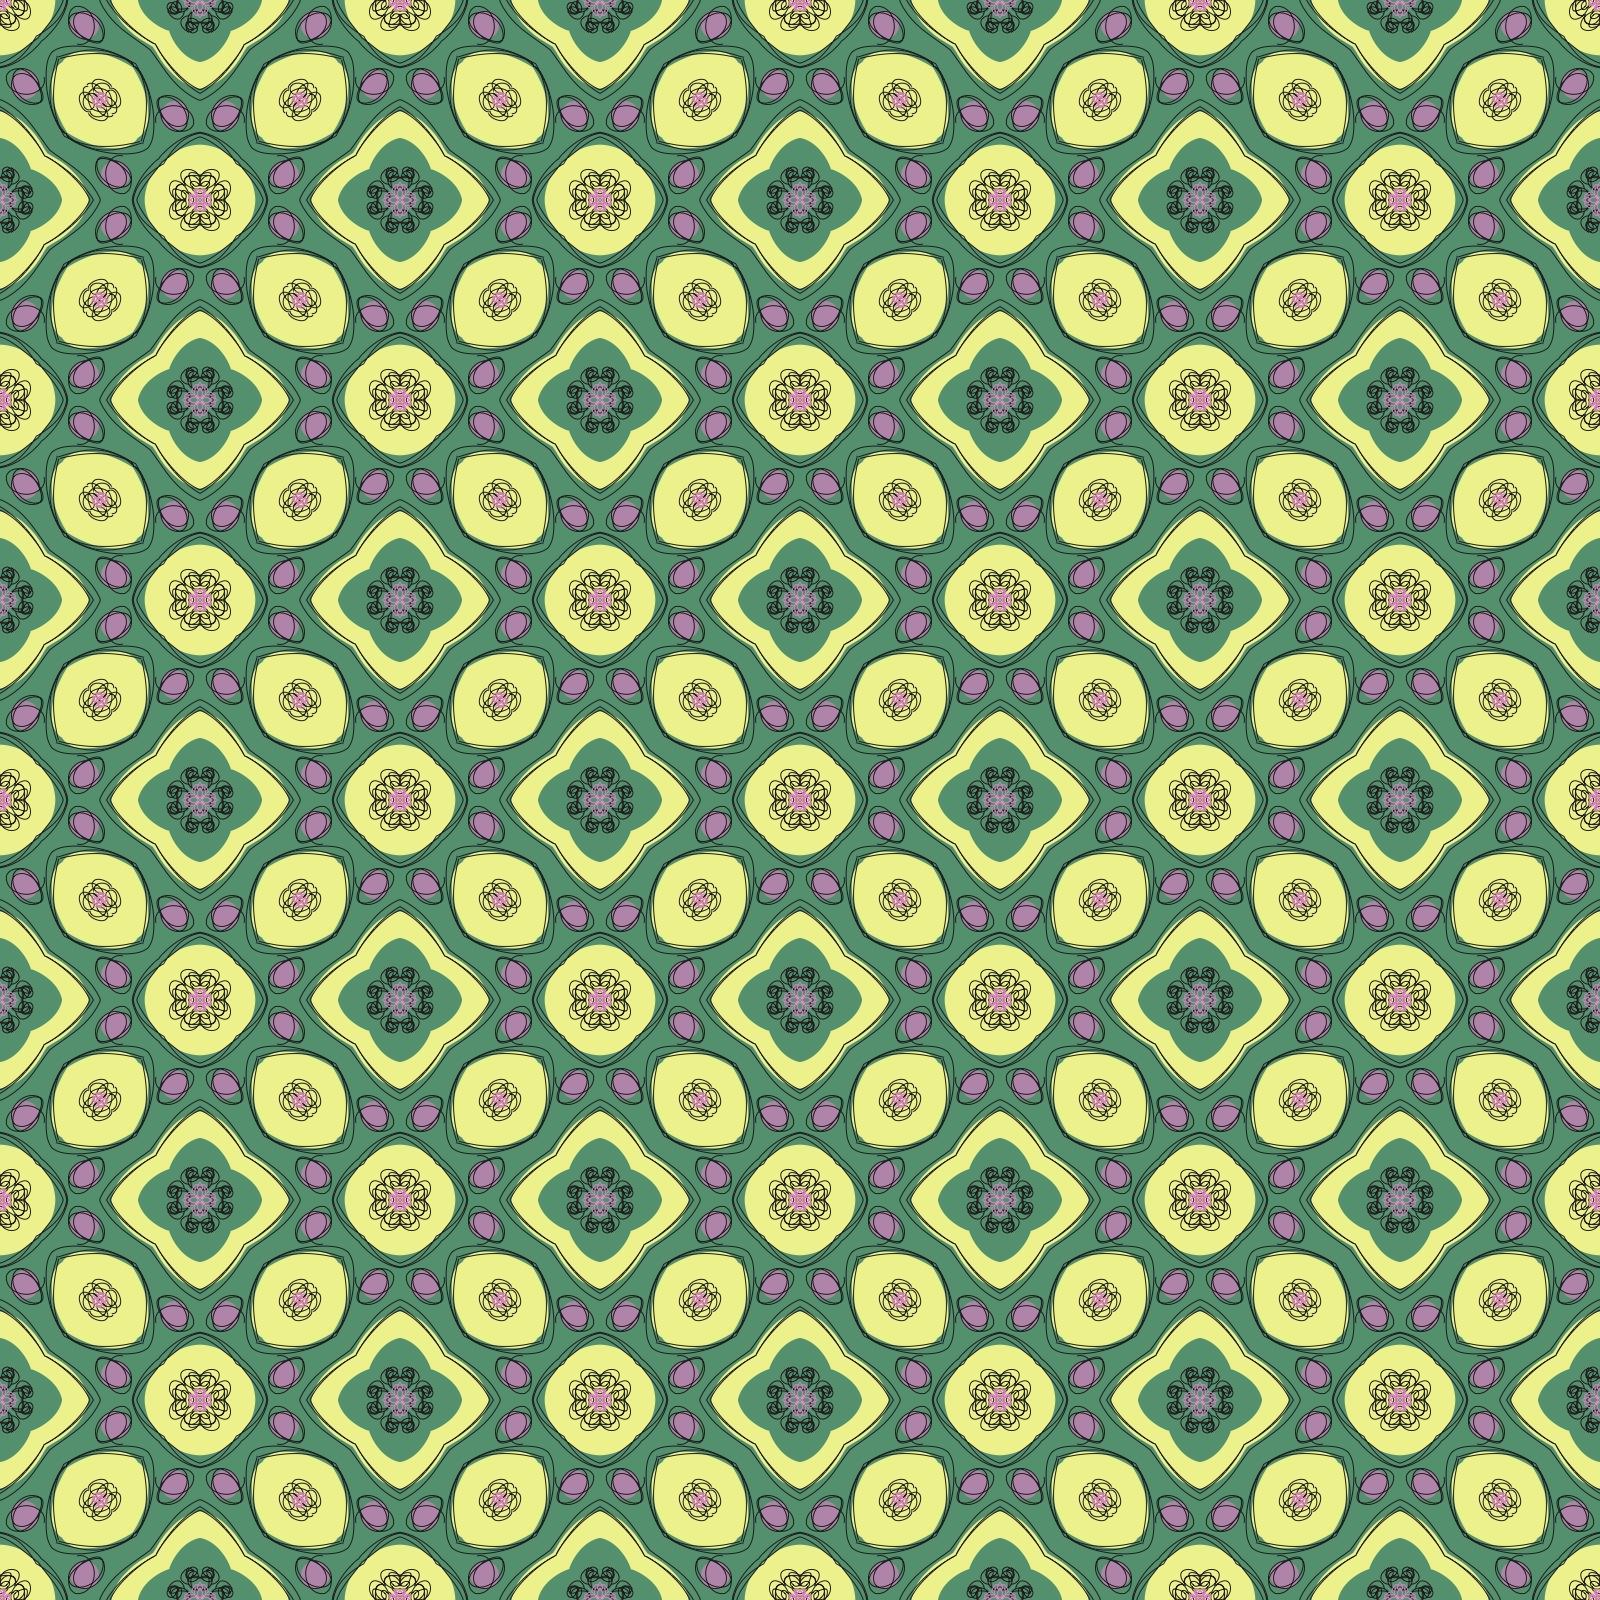 071_tiled